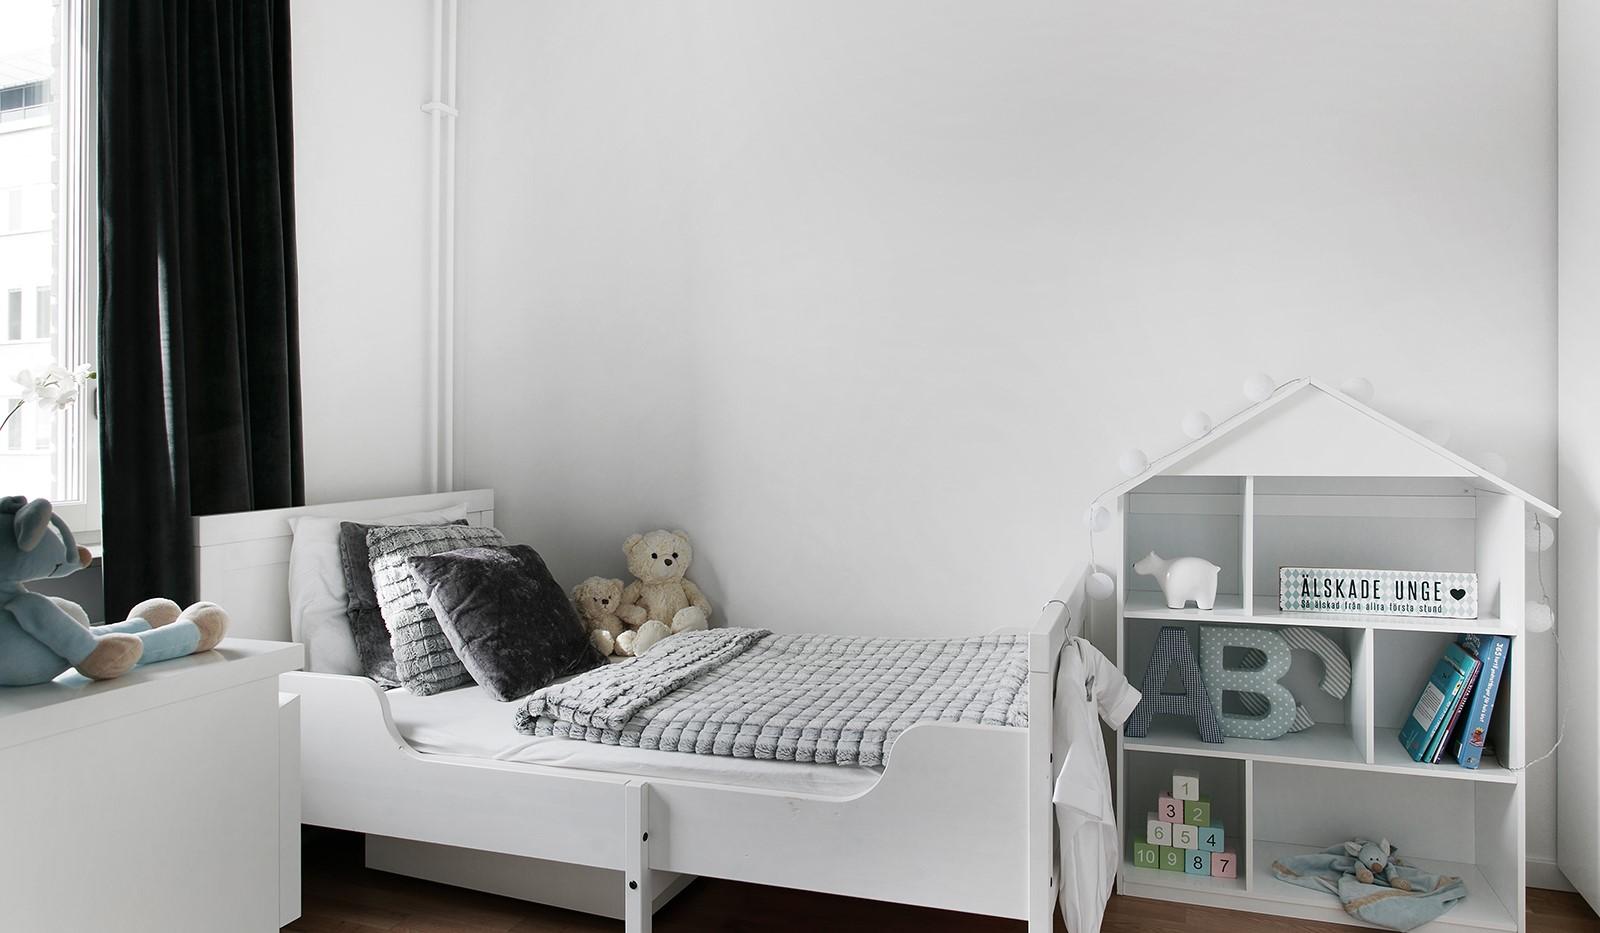 Oskarslundsbacken 13, 2tr - Bostadens tredje sovrum är perfekt som barnrum